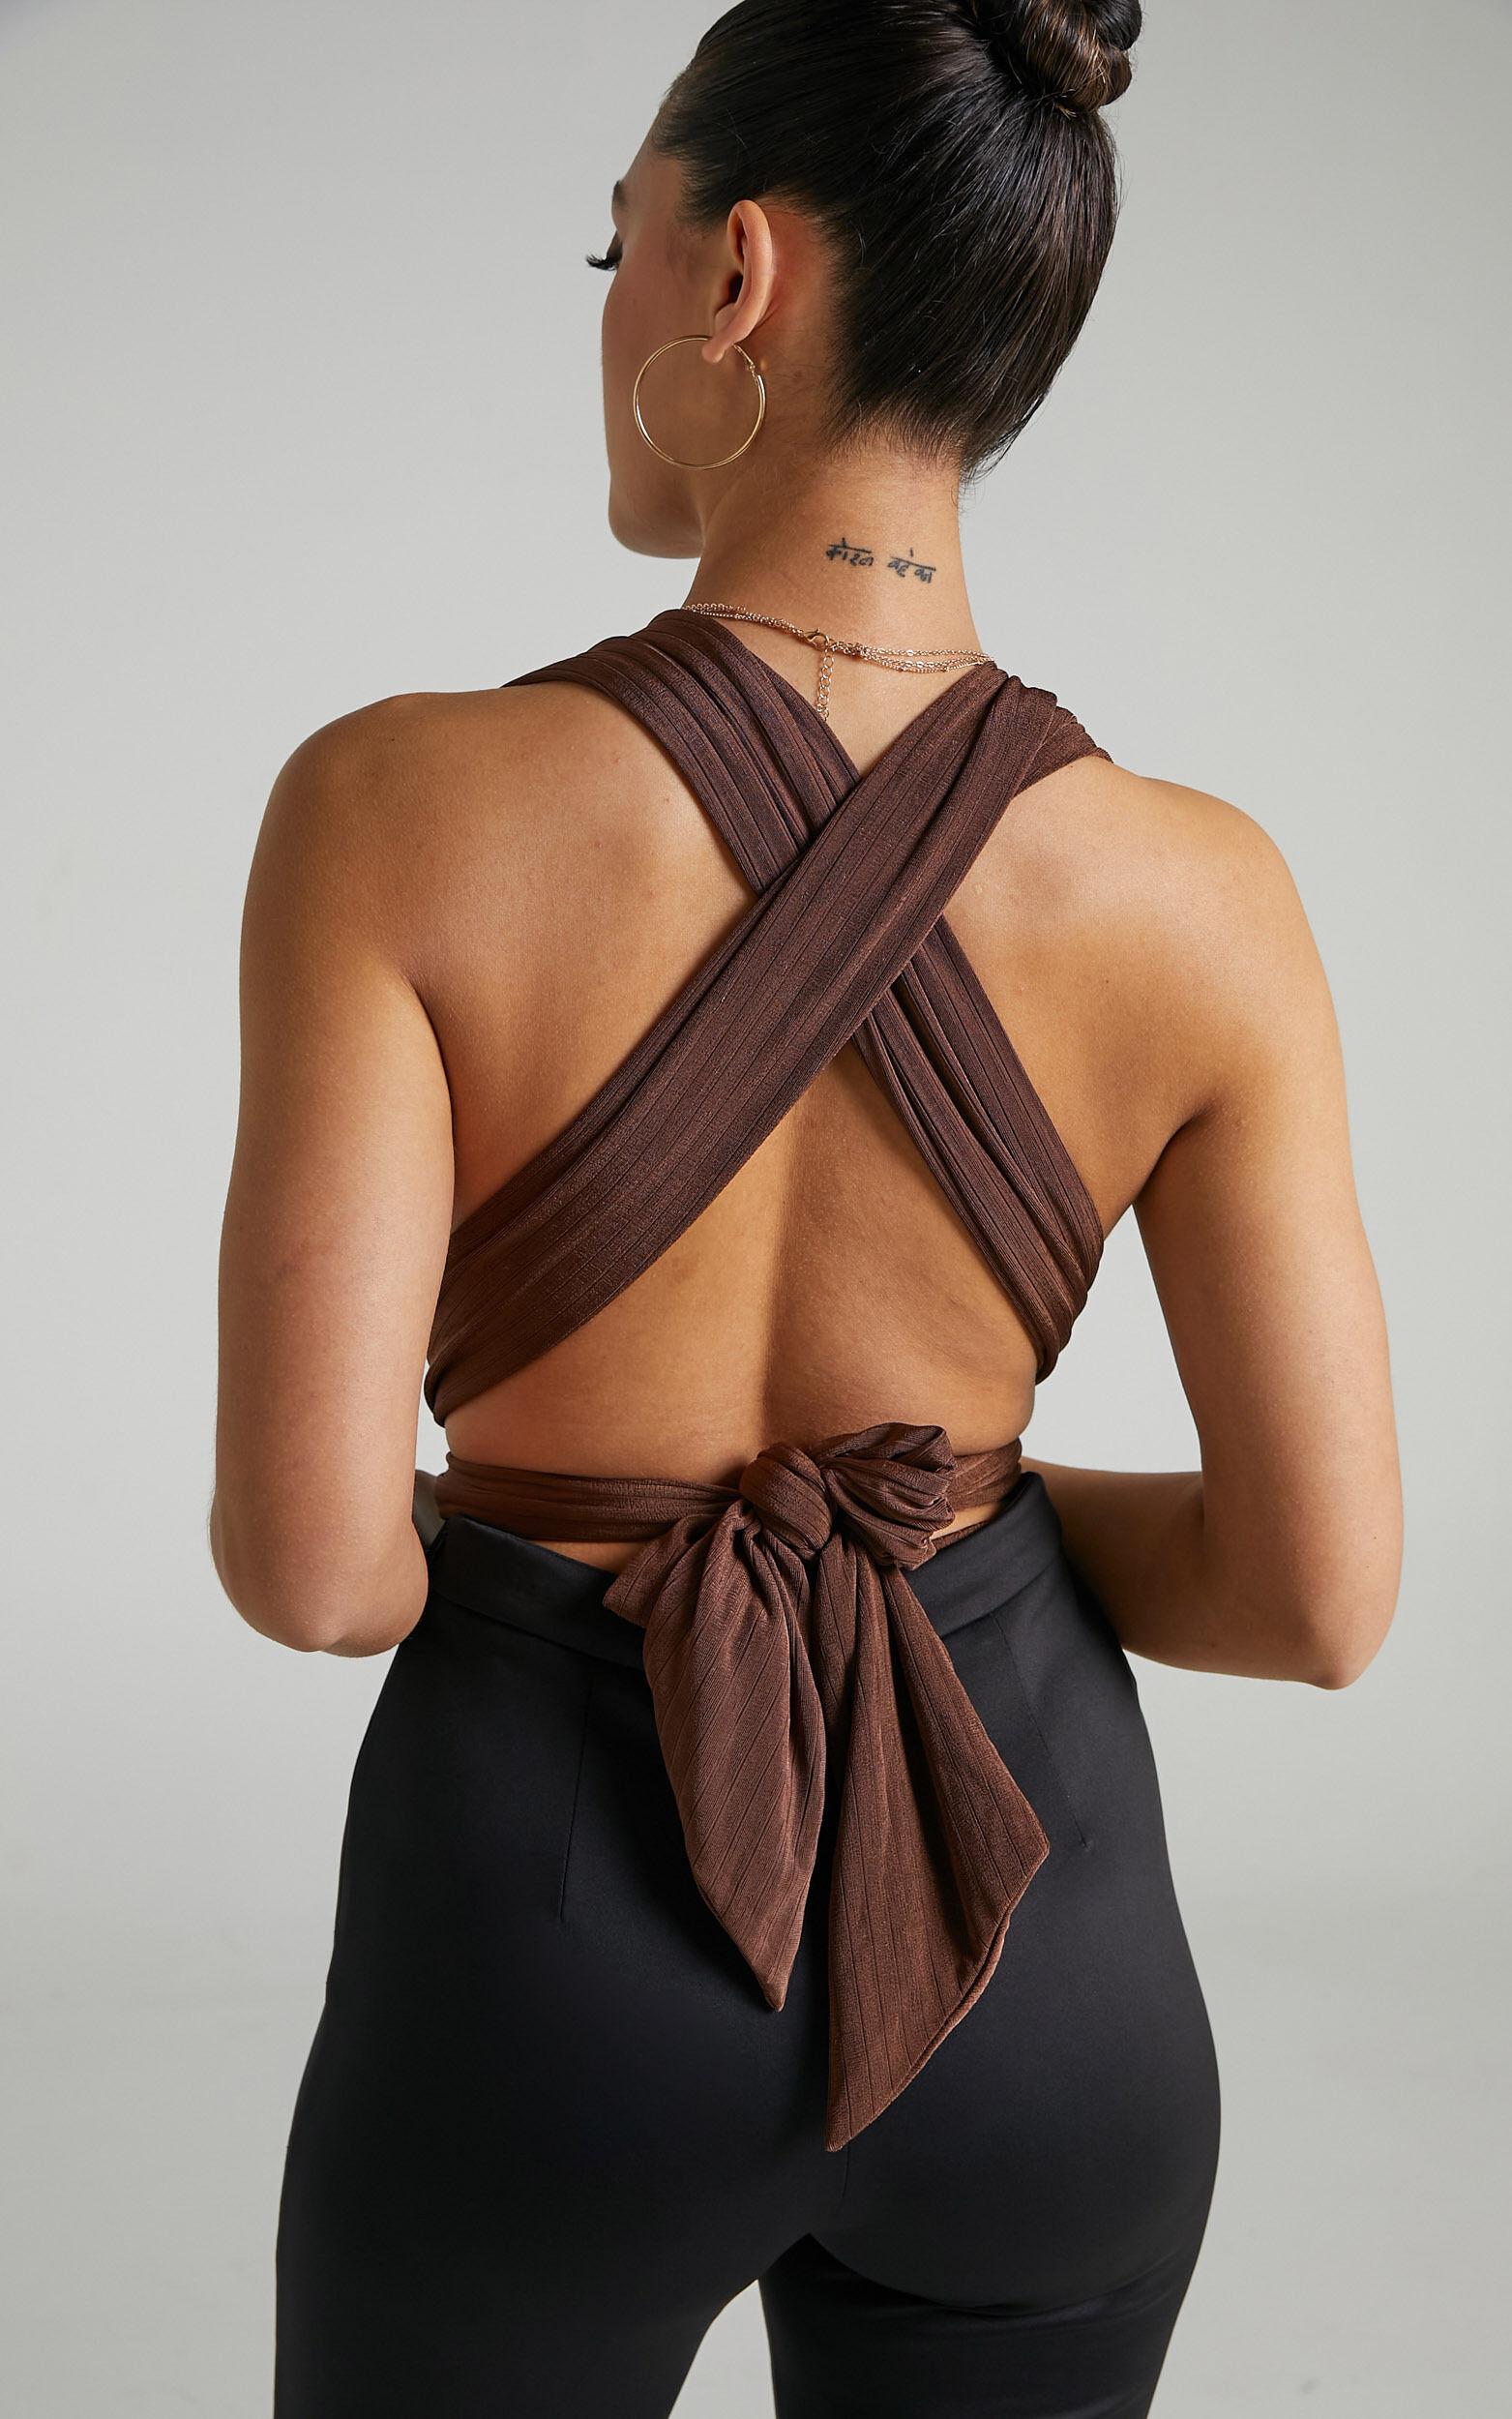 Kimbaa Slinky Multi tie bodysuit in Chocolate - 06, BRN2, super-hi-res image number null